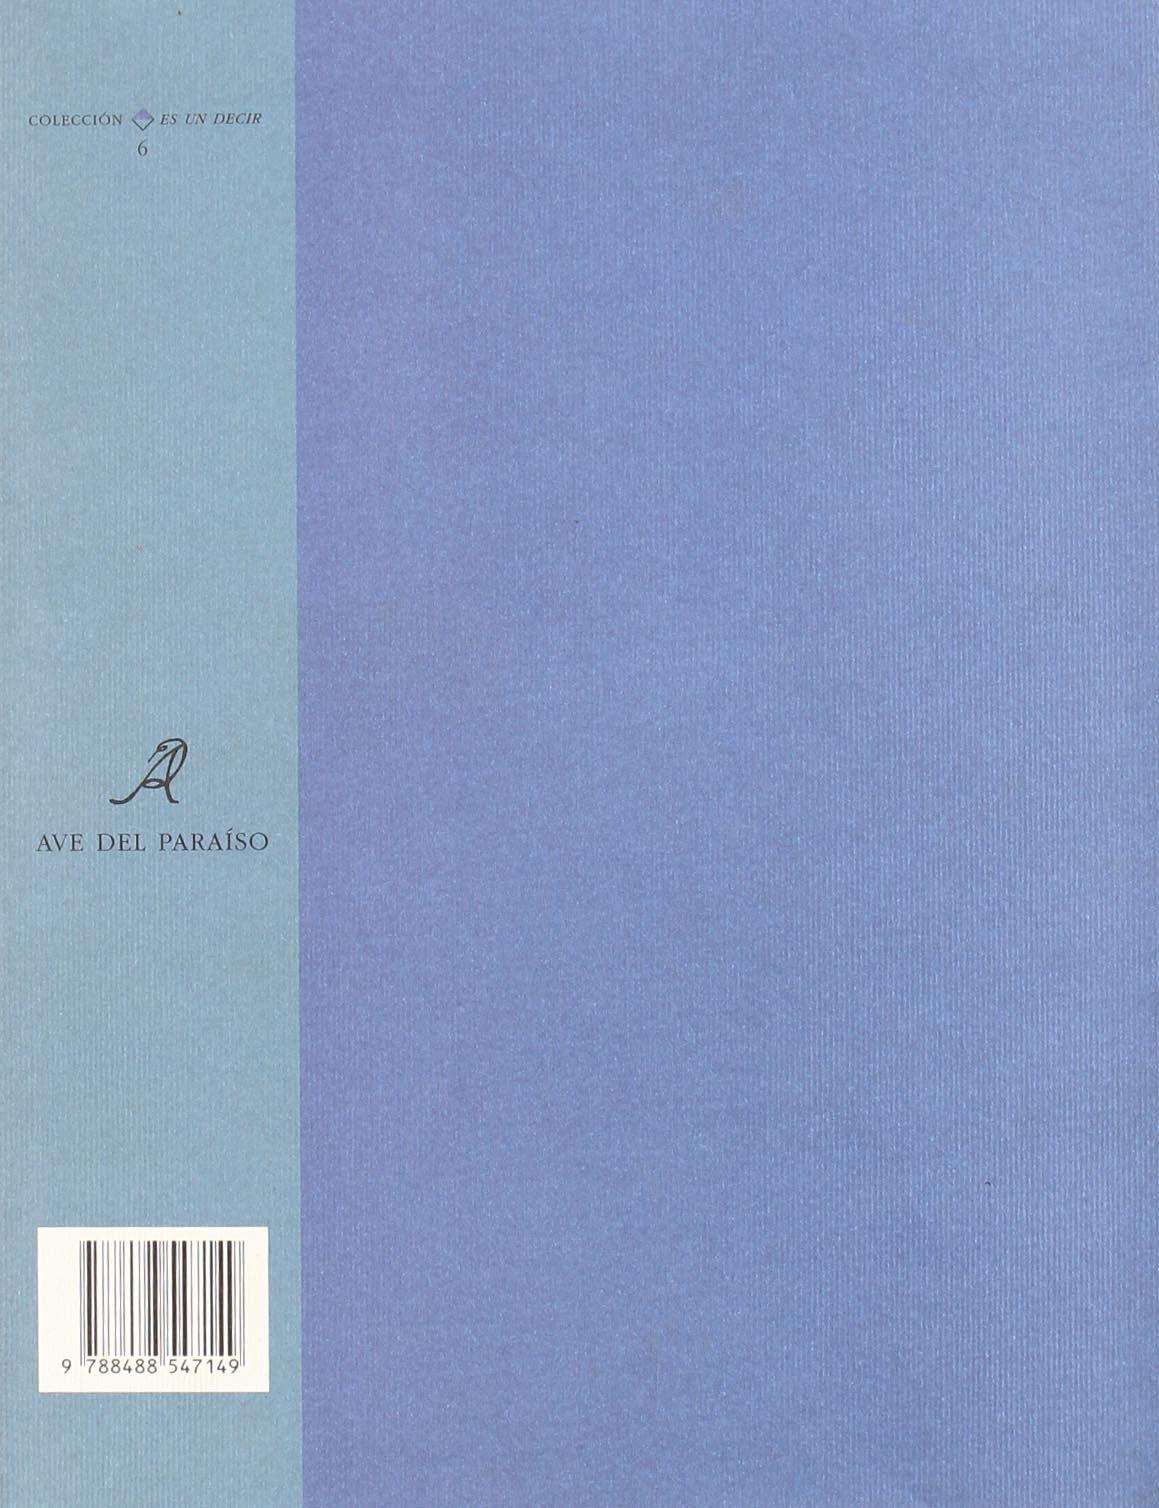 Reloj de sol (Coleccion Es un decir) (Spanish Edition): Gabriel Zaid: 9788488547149: Amazon.com: Books